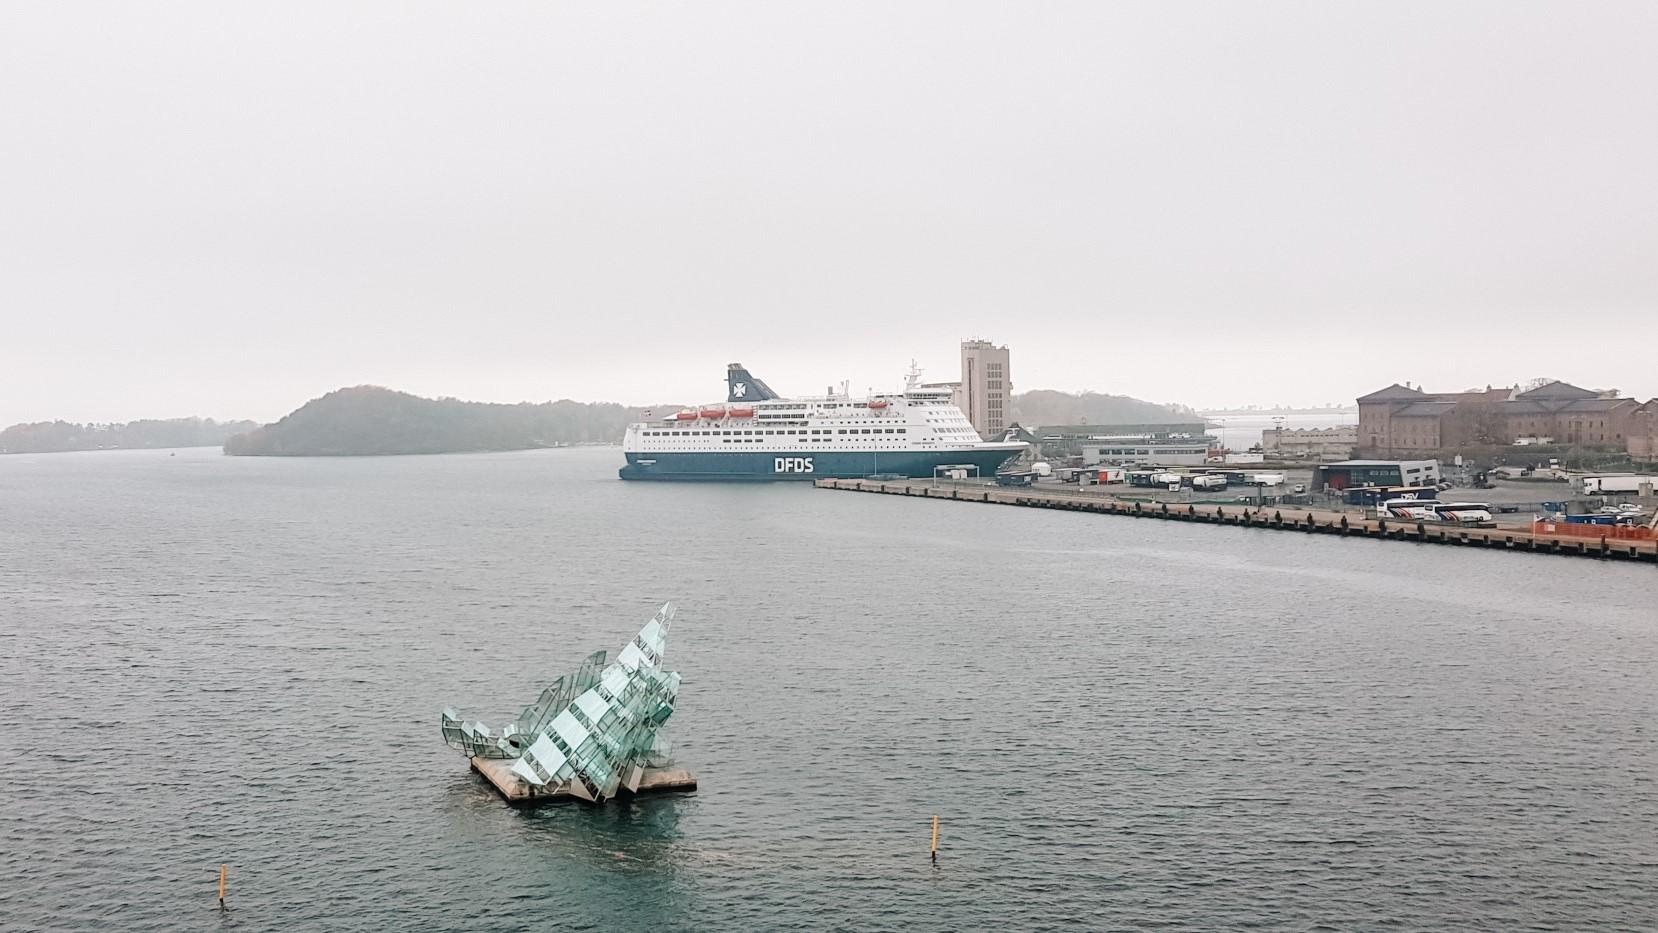 Widok na zatokę w Oslo, w oddali wielki statek pasażerski.